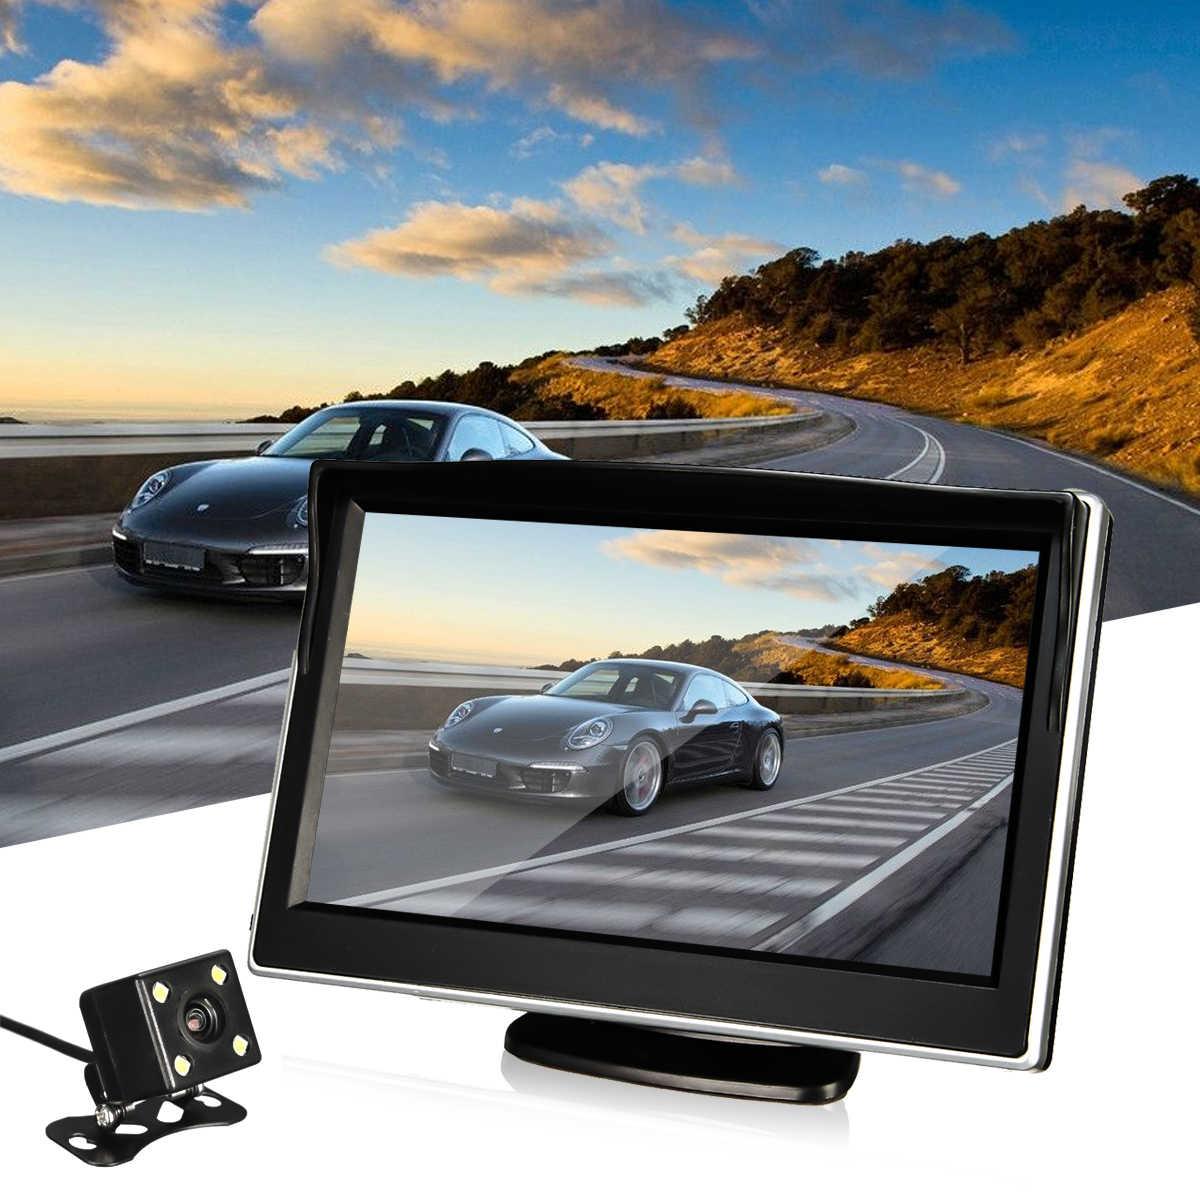 Водонепроницаемый подголовник Автомобильный монитор 5 дюймов TFT ЖК-дисплей Авто Парковка заднего вида резервная камера 170 градусов камера заднего вида ночное видение